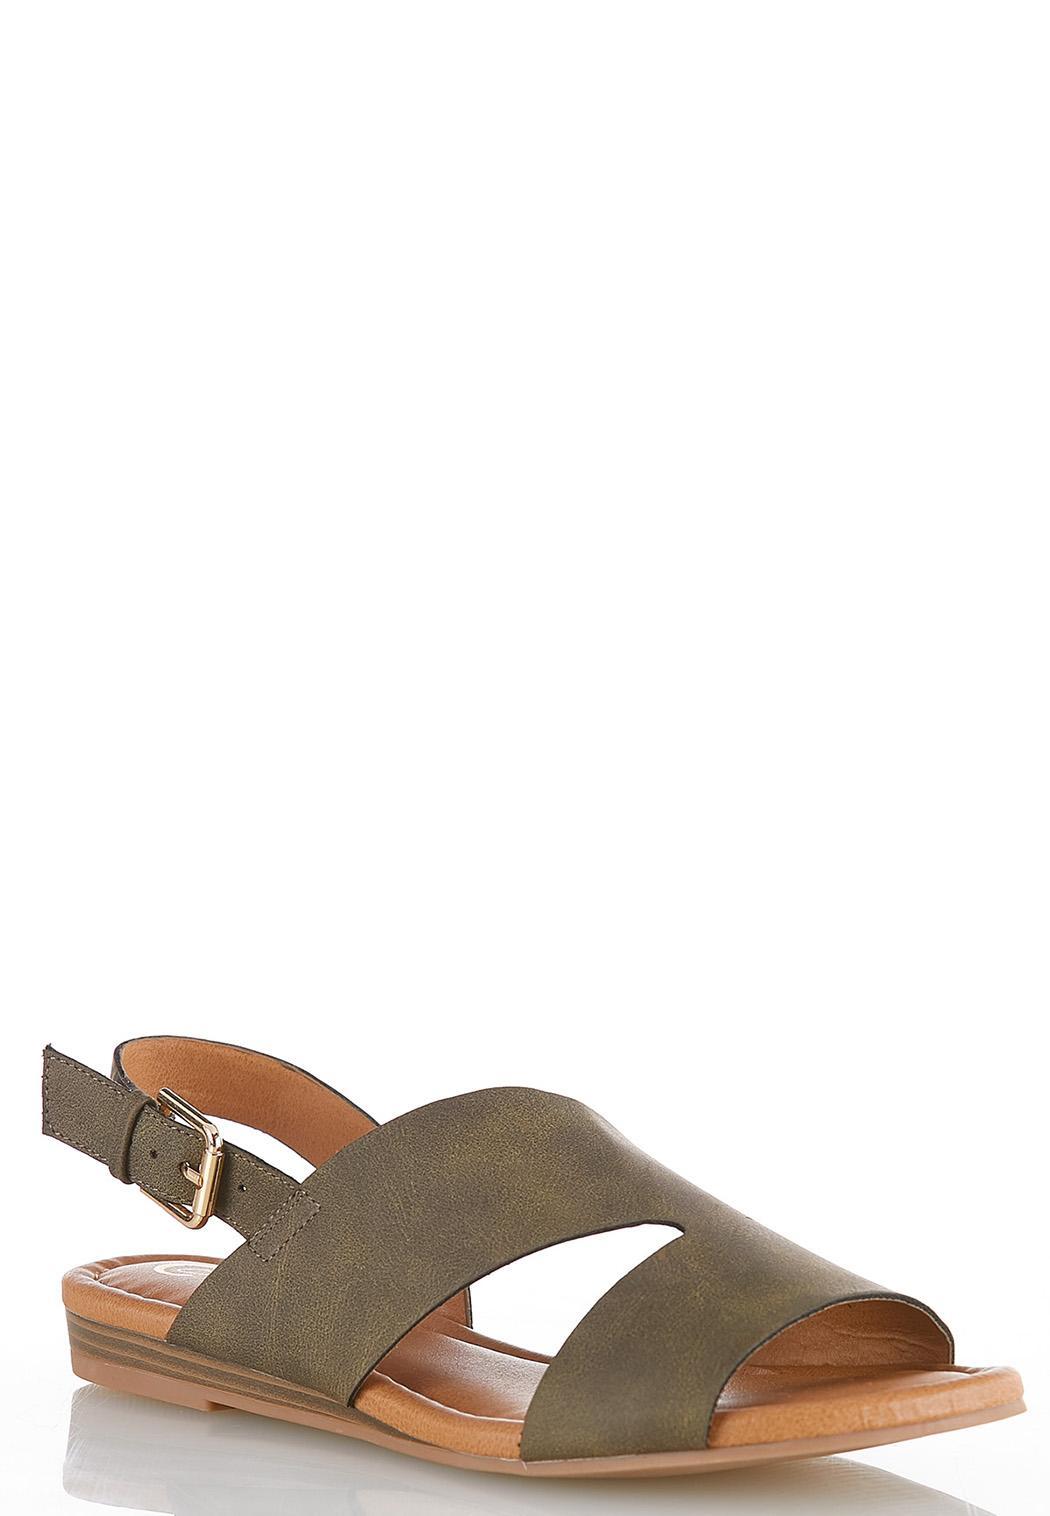 Wide Width Asymmetric Slingback Sandals